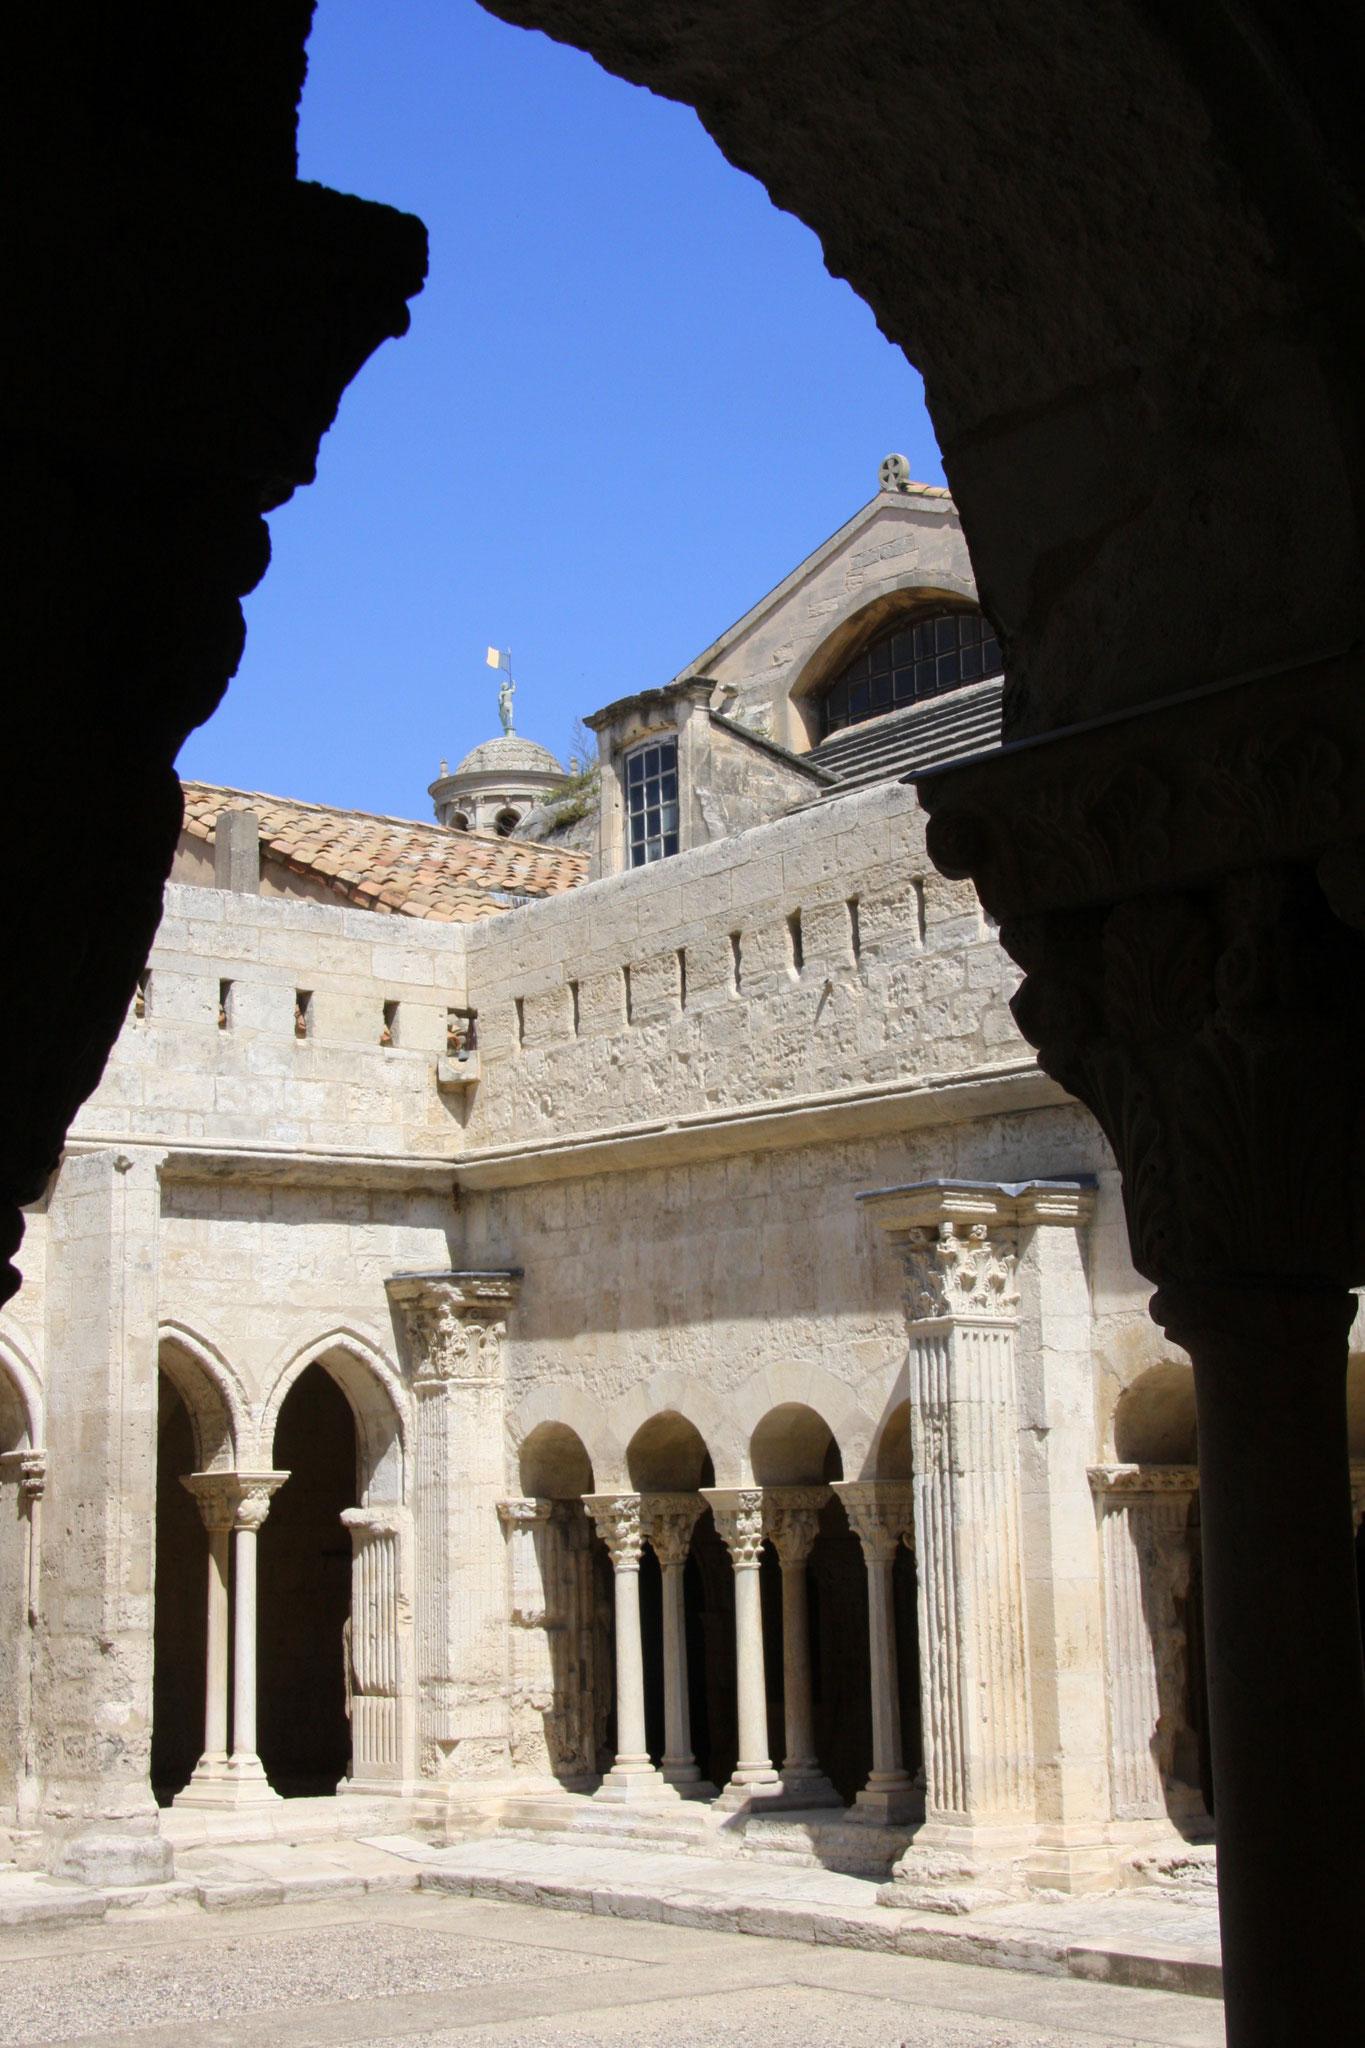 Bild: Kreuzgang von St.-Trophime, Arles, Provence